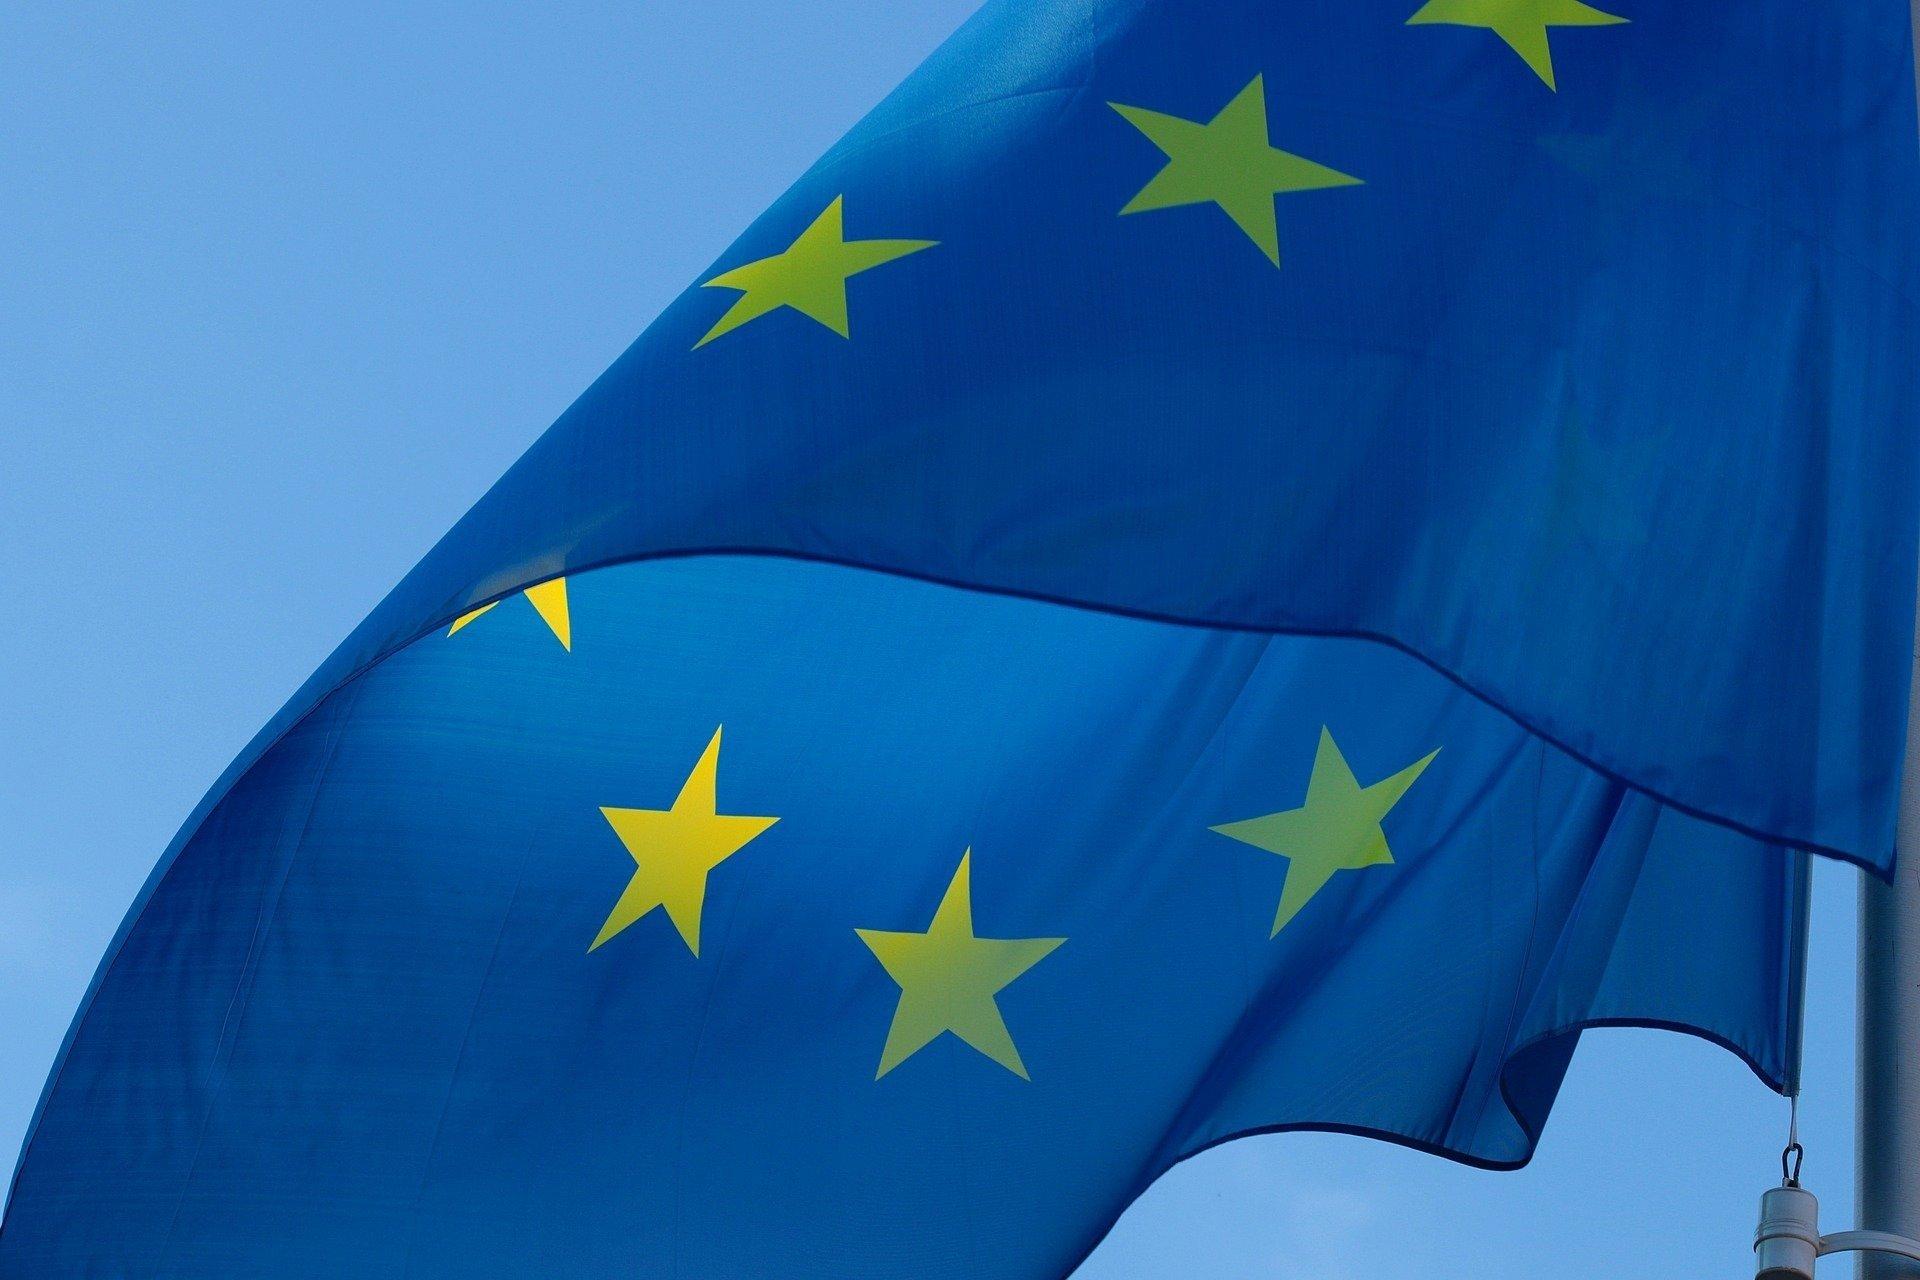 Из-за чего ЕС готов отвернуться от Китая